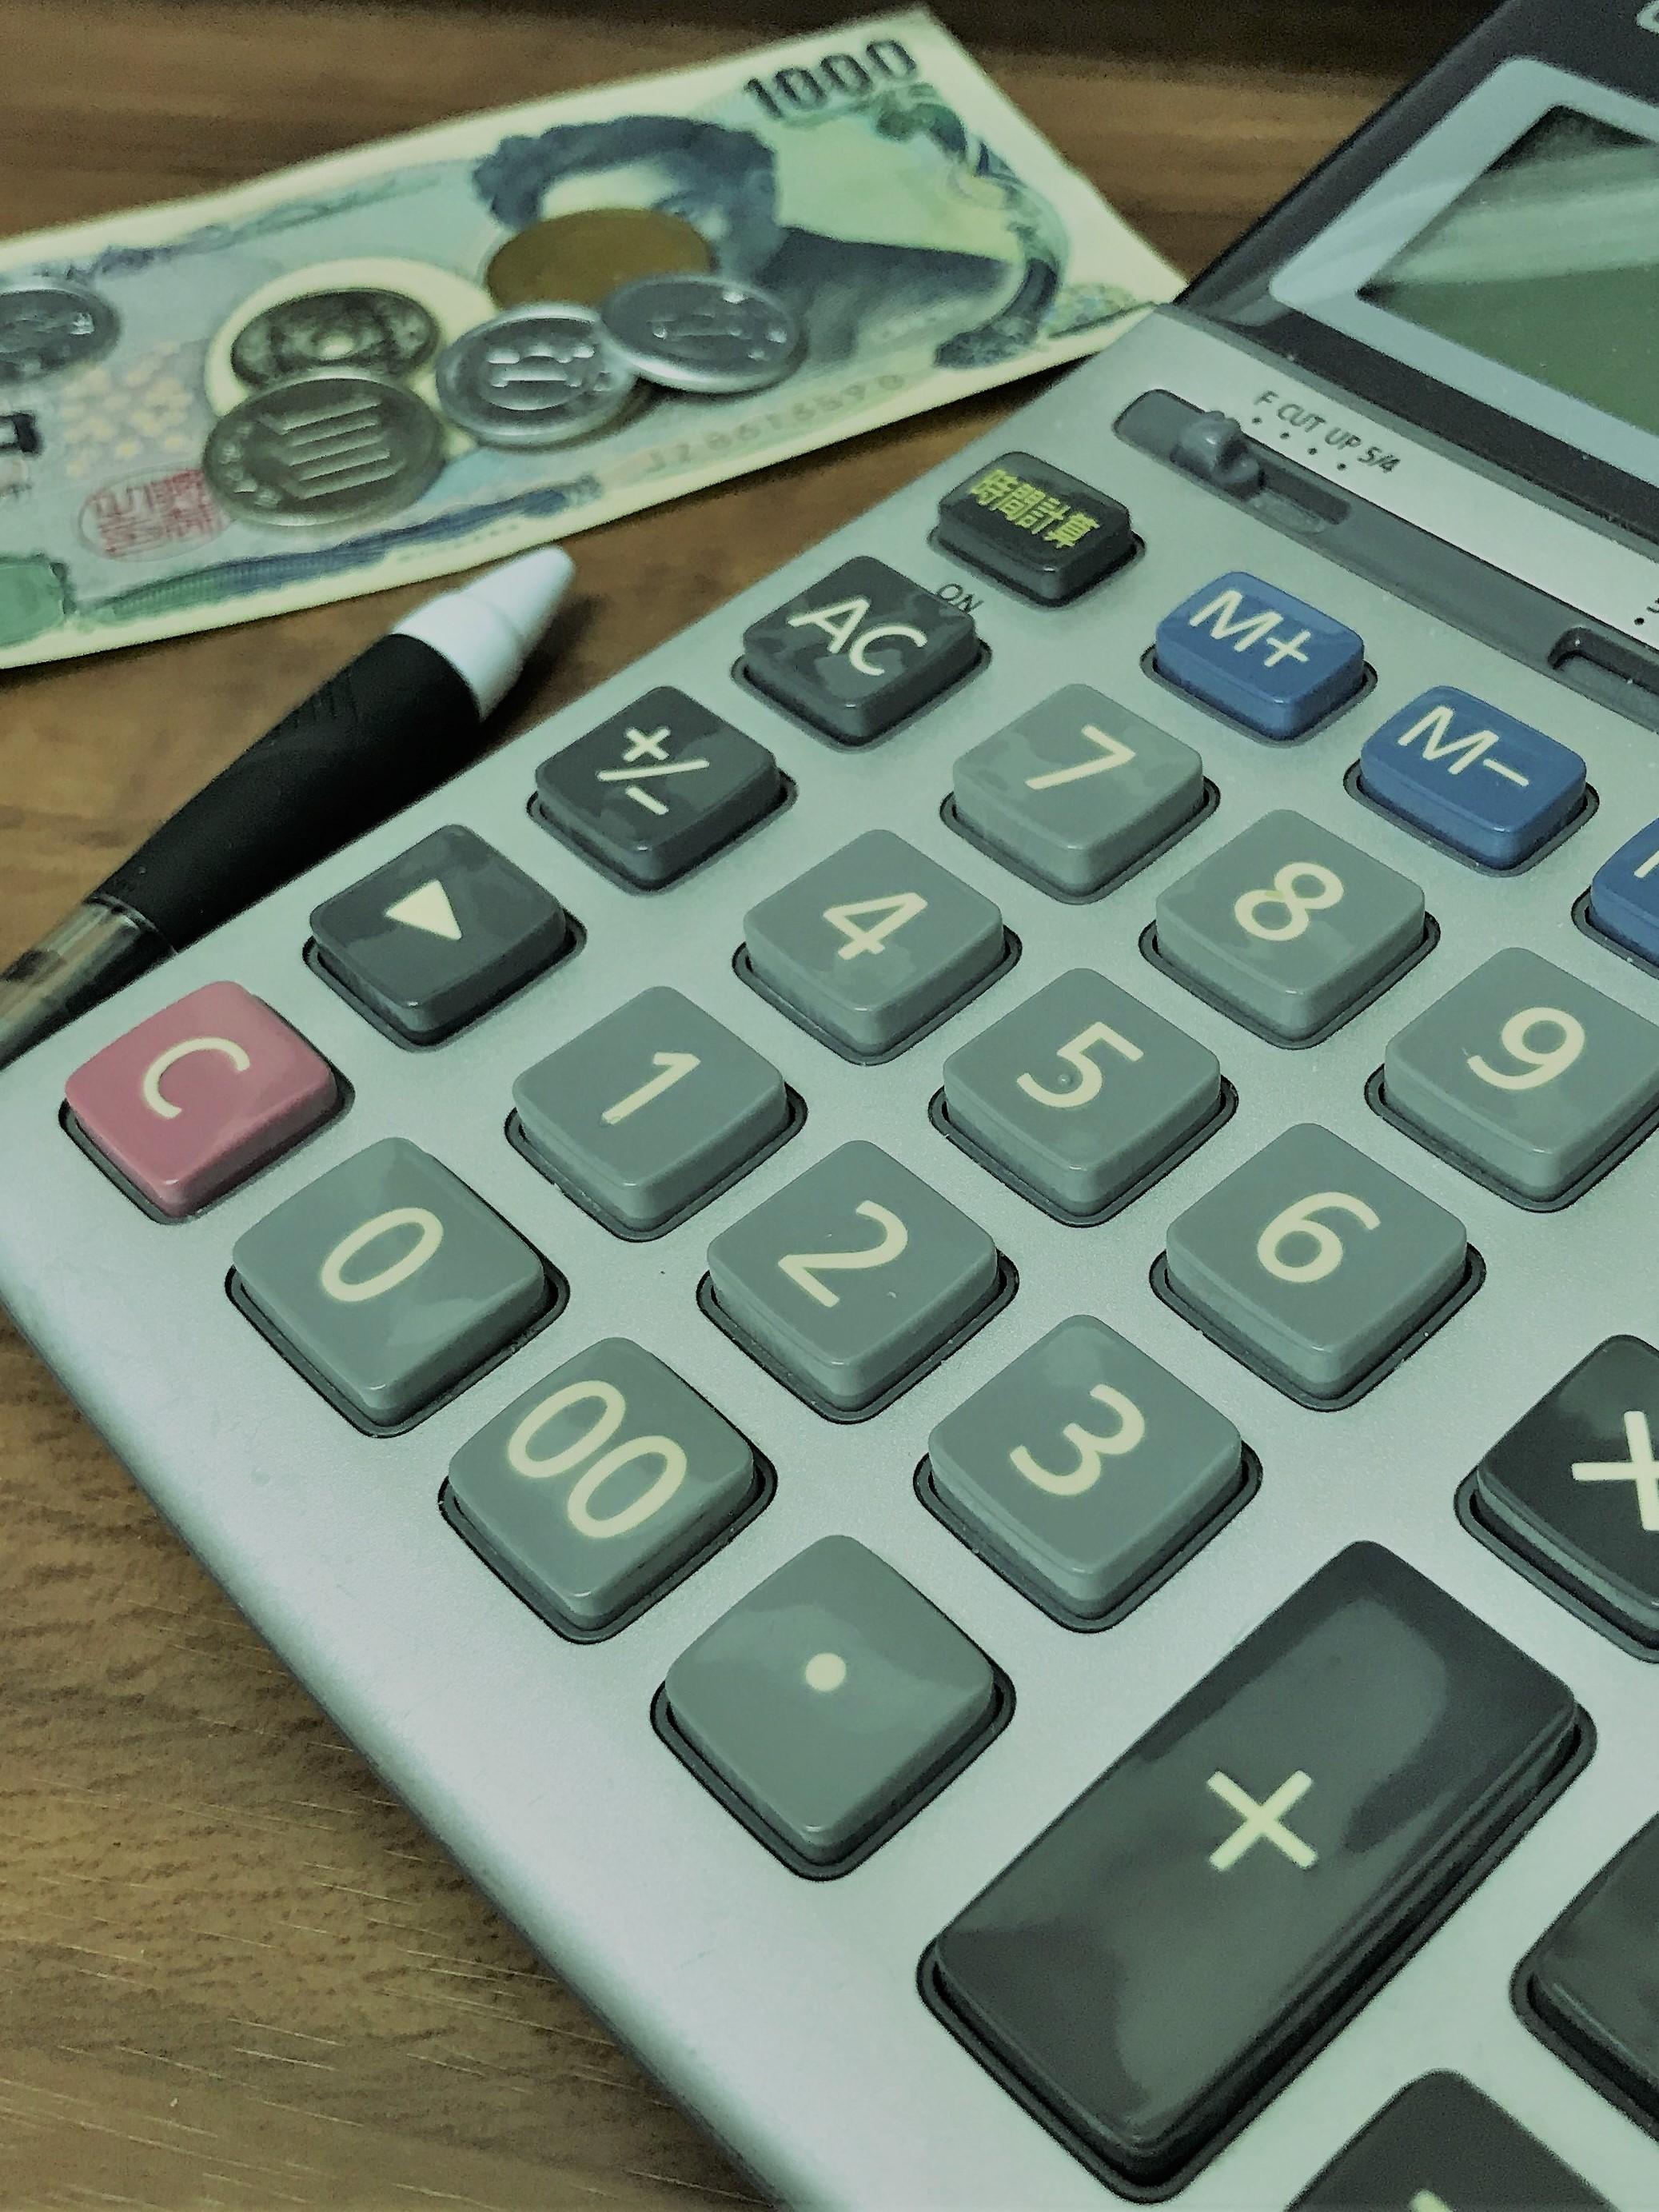 仮想通貨の税金の計算と確定申告の方法をまとめてみた | 比較ビズまとめ